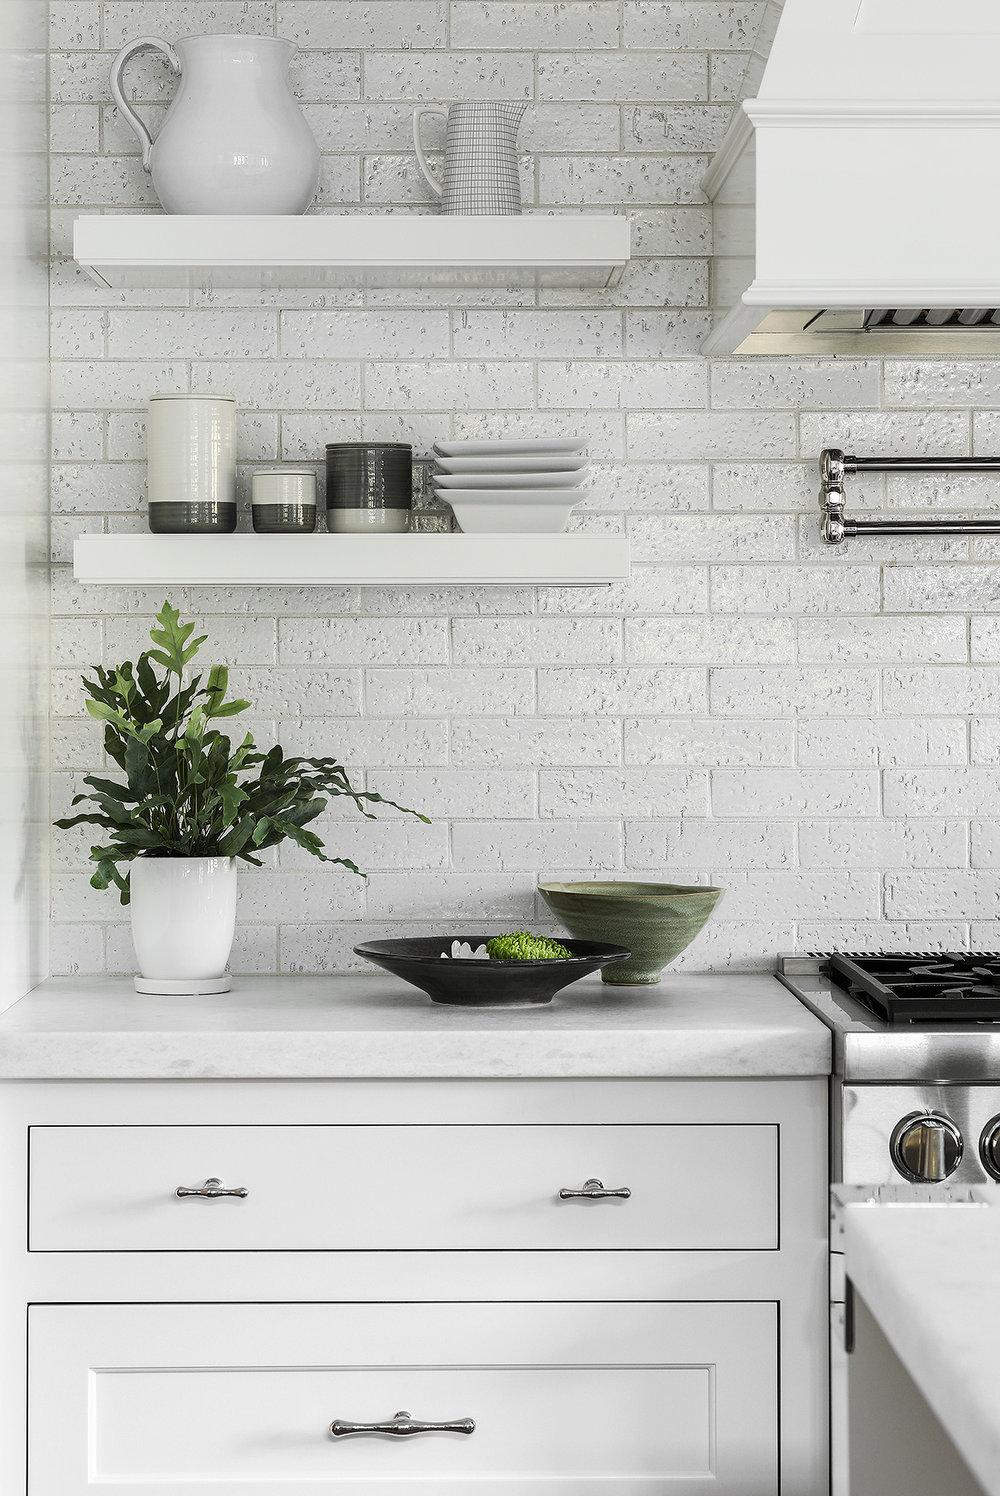 5-Kitchen 2.jpg